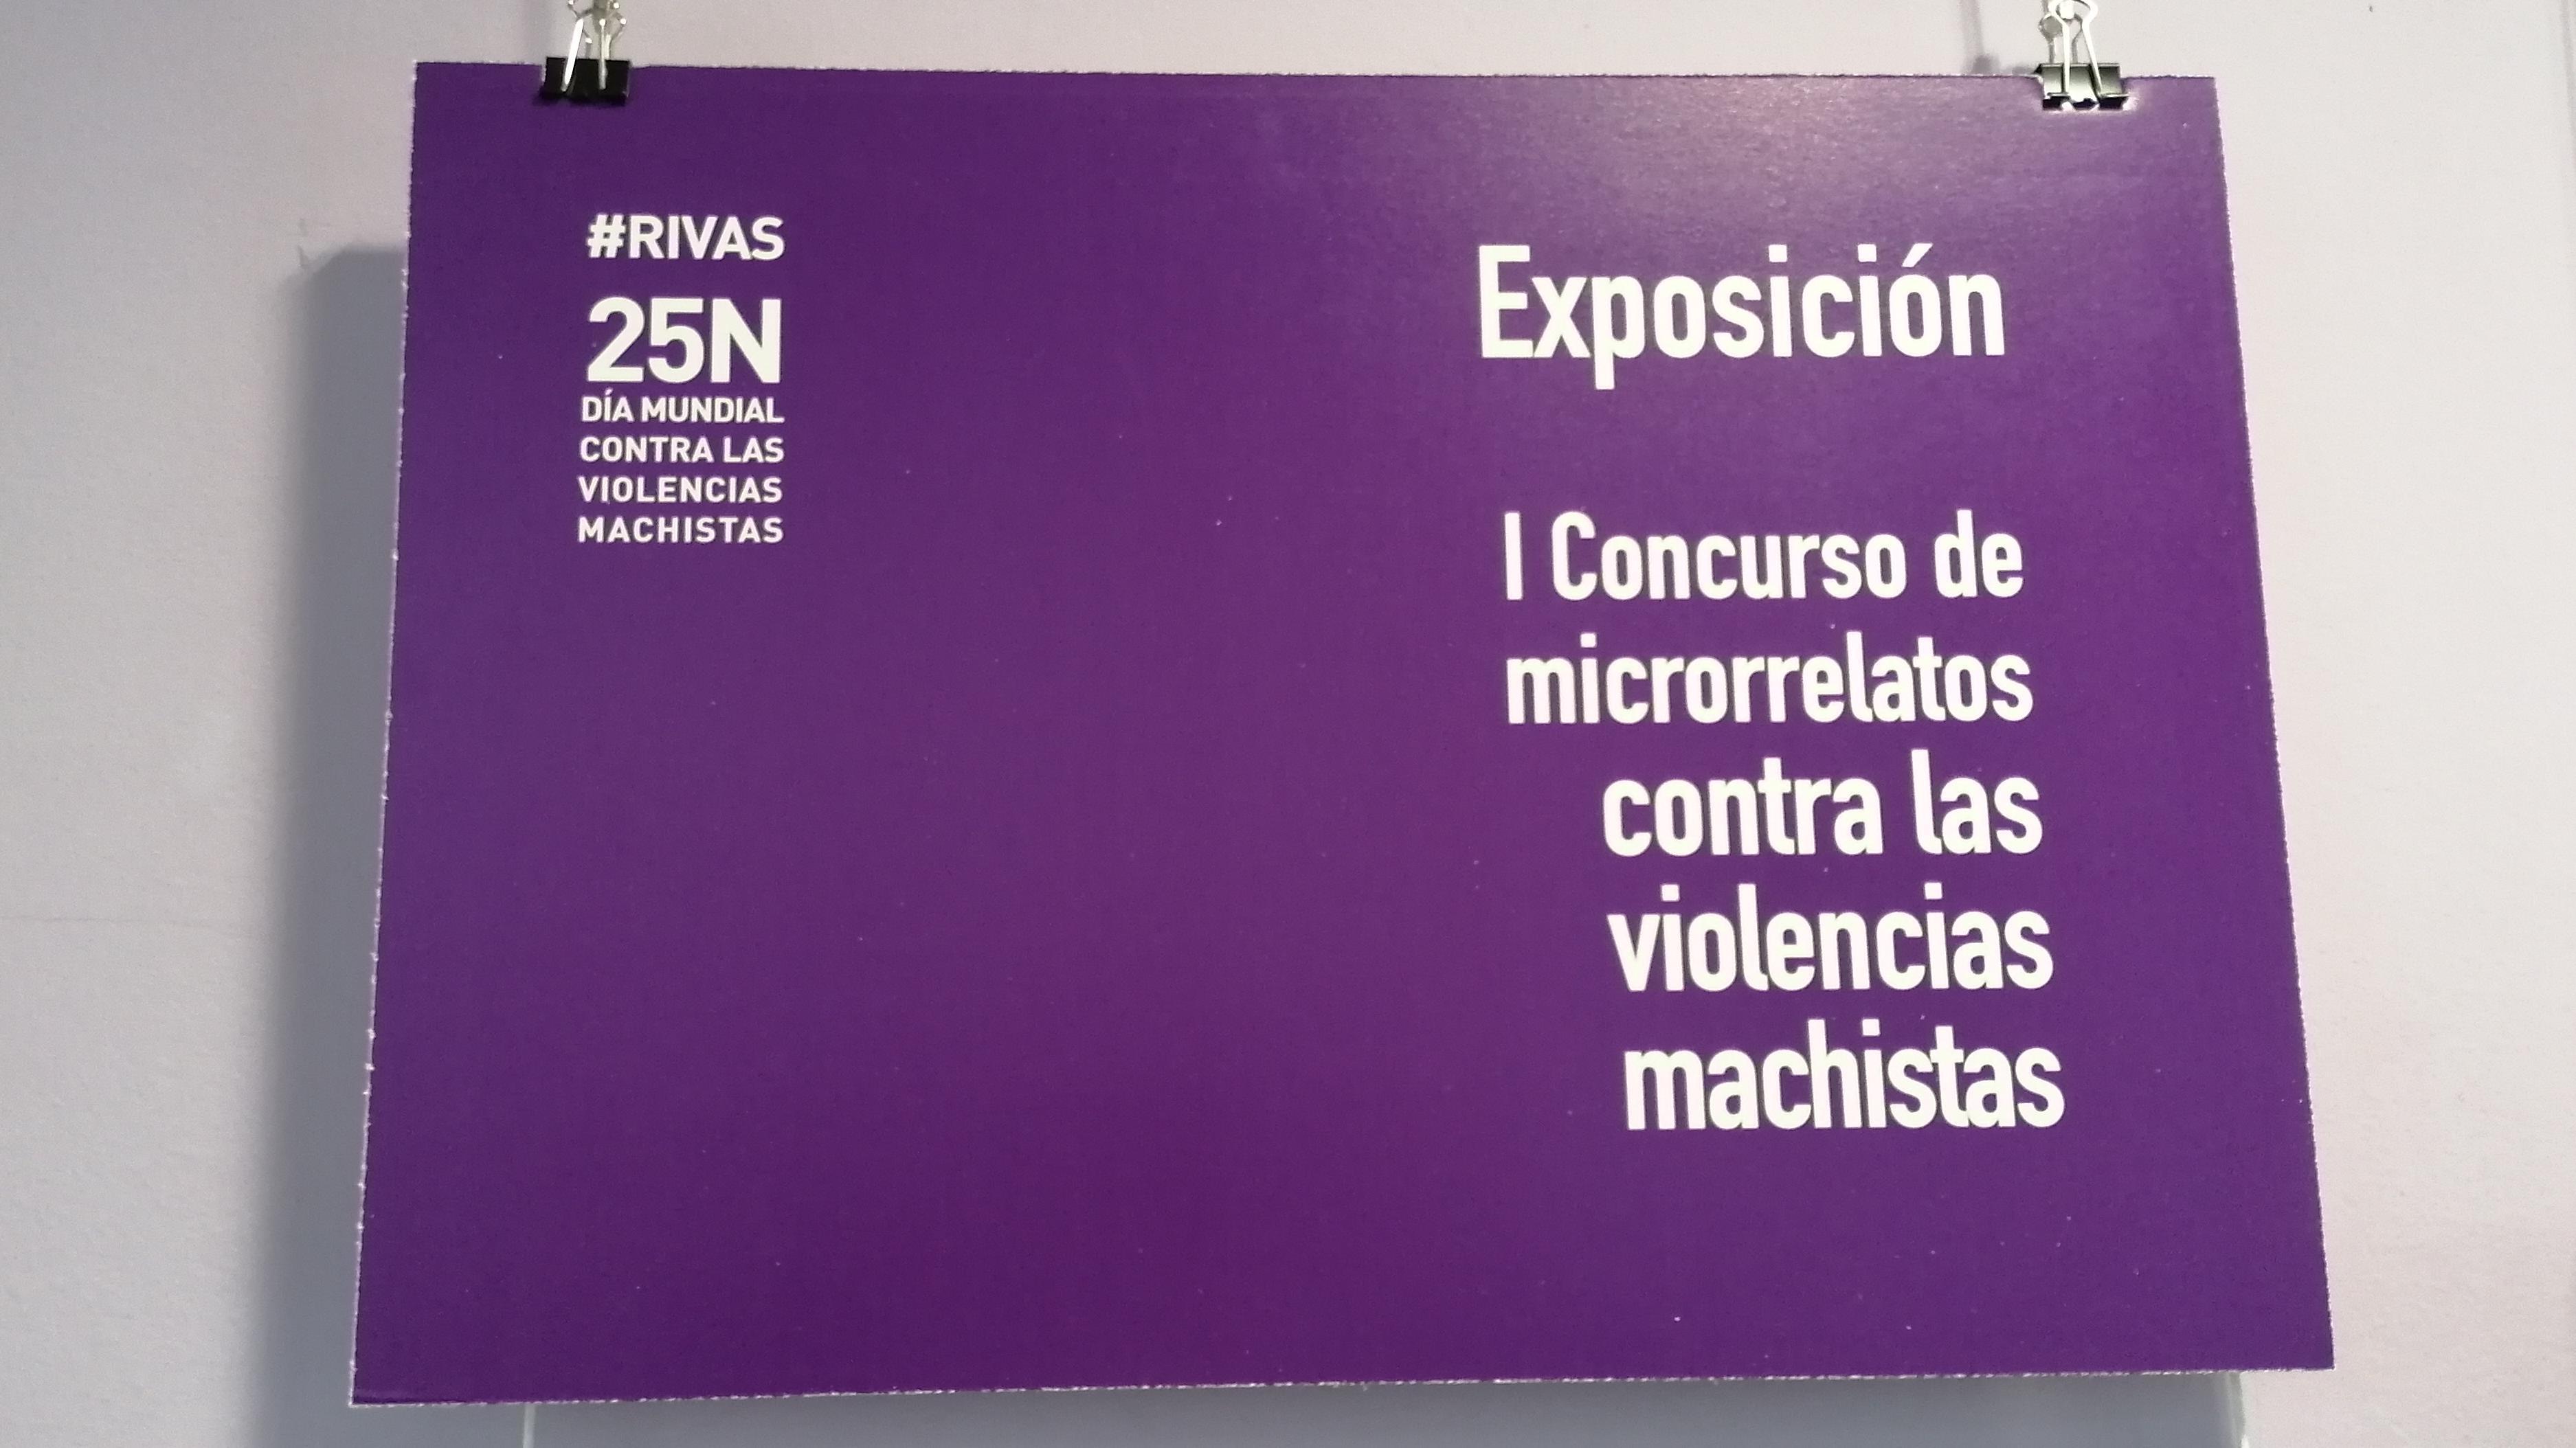 Exposición de los microrrelatos contra las ciberviolencias machistas